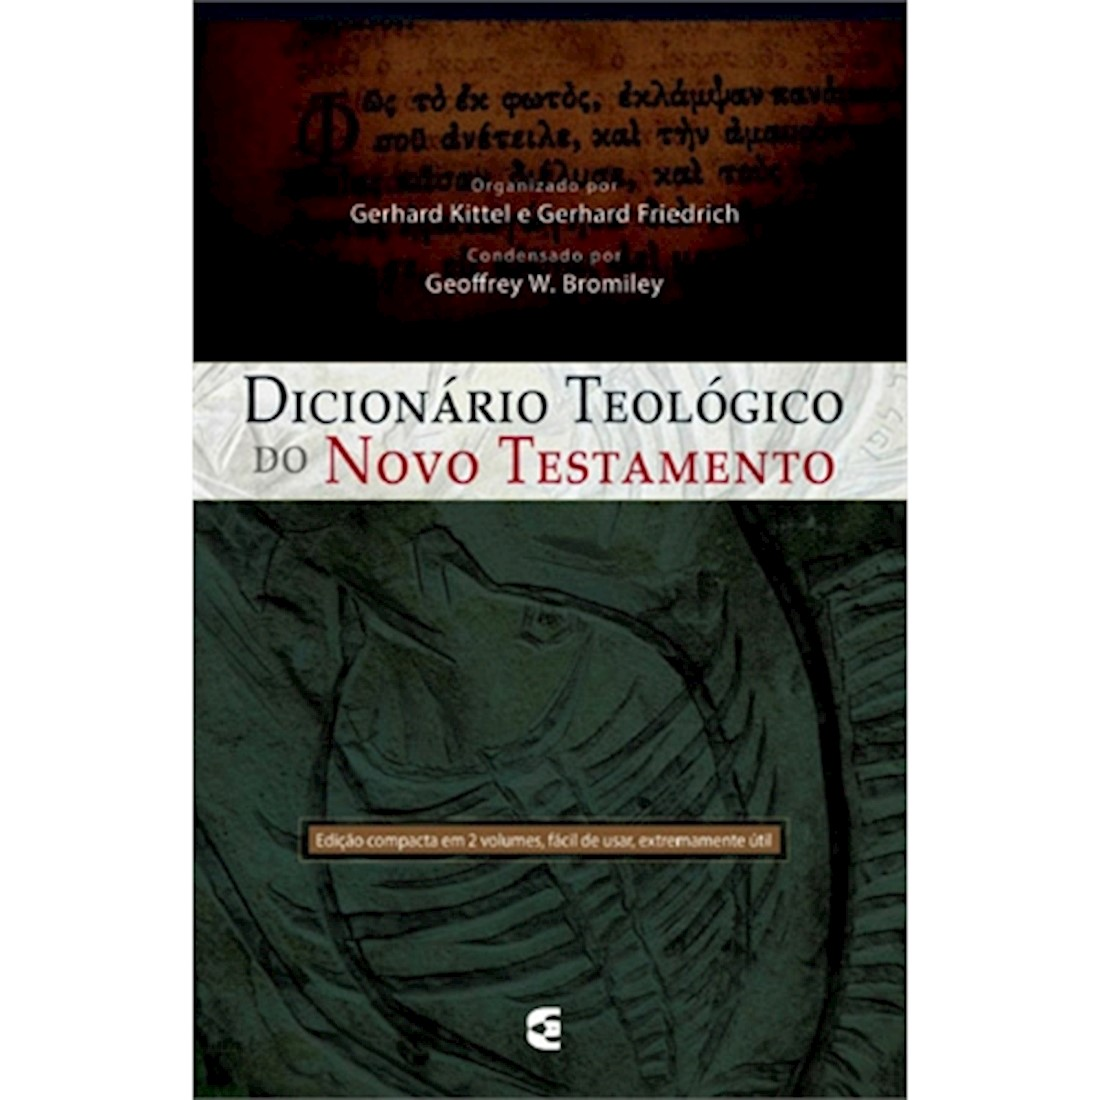 Livro Dicionário Teológico do Novo Testamento - Volume I e II